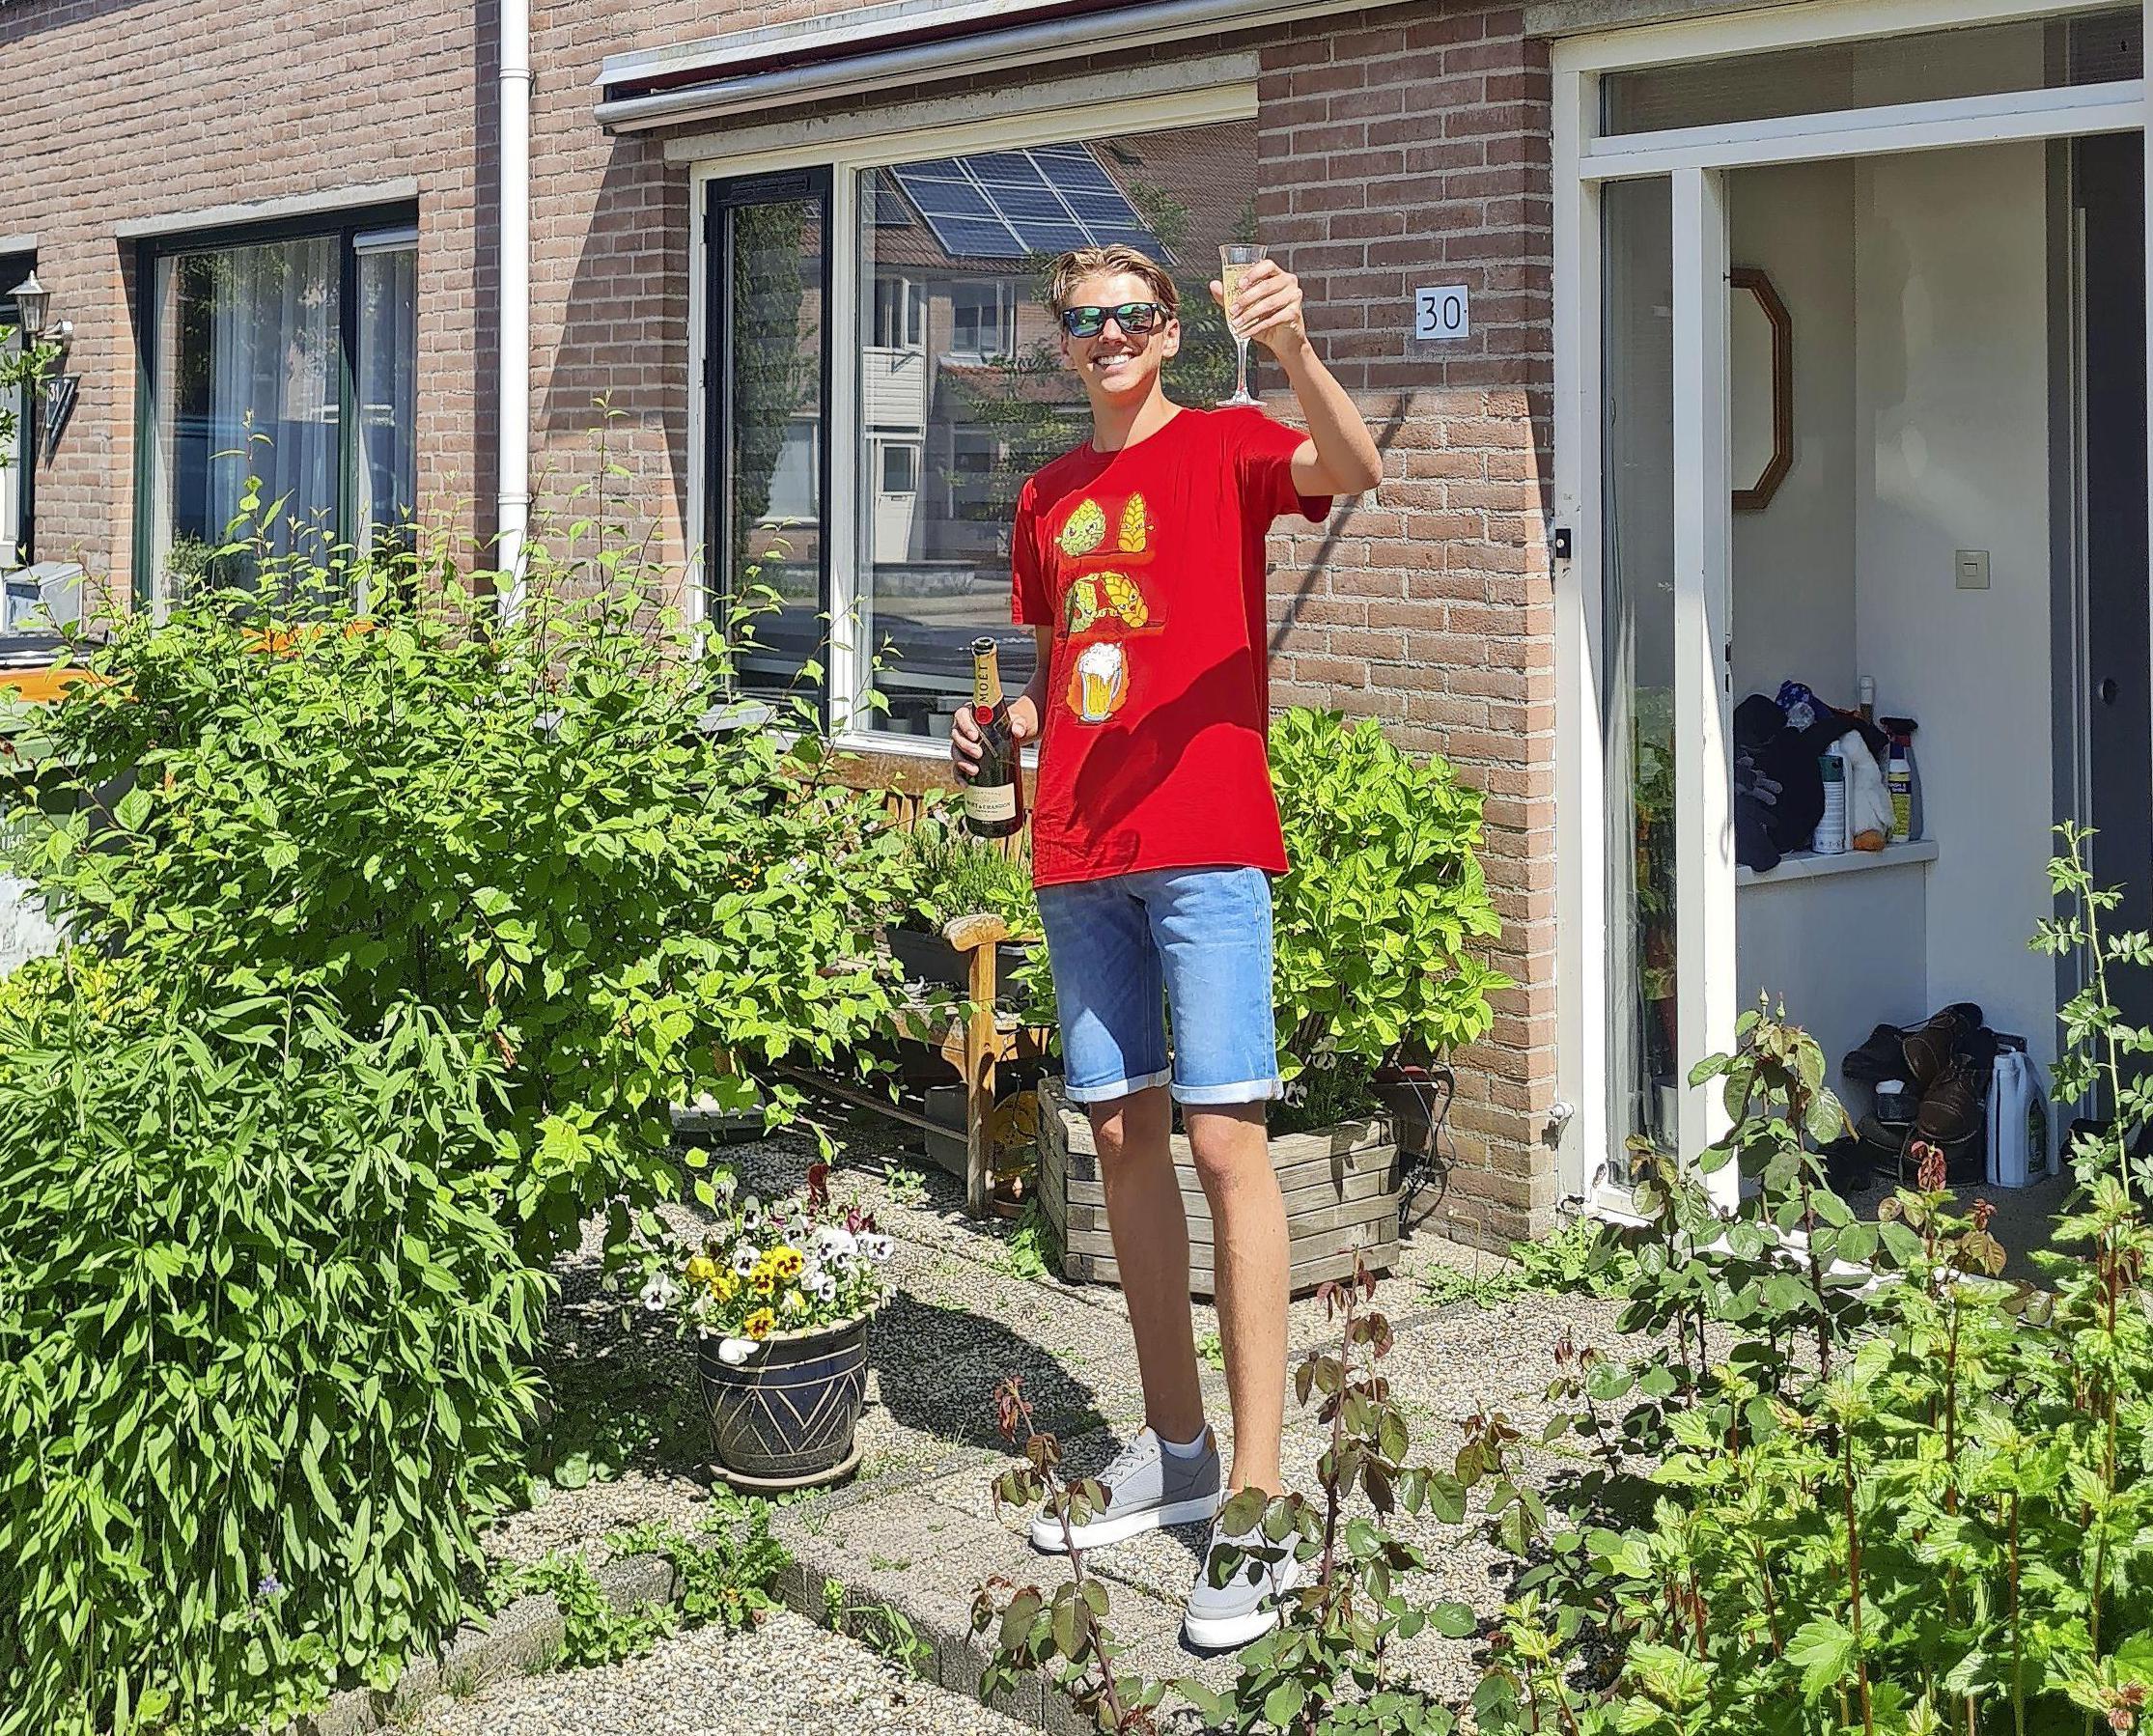 Het was billenknijpen voor afstuderend West-Friesland. Deze week kregen de eindexamenkandidaten te horen of ze geslaagd waren